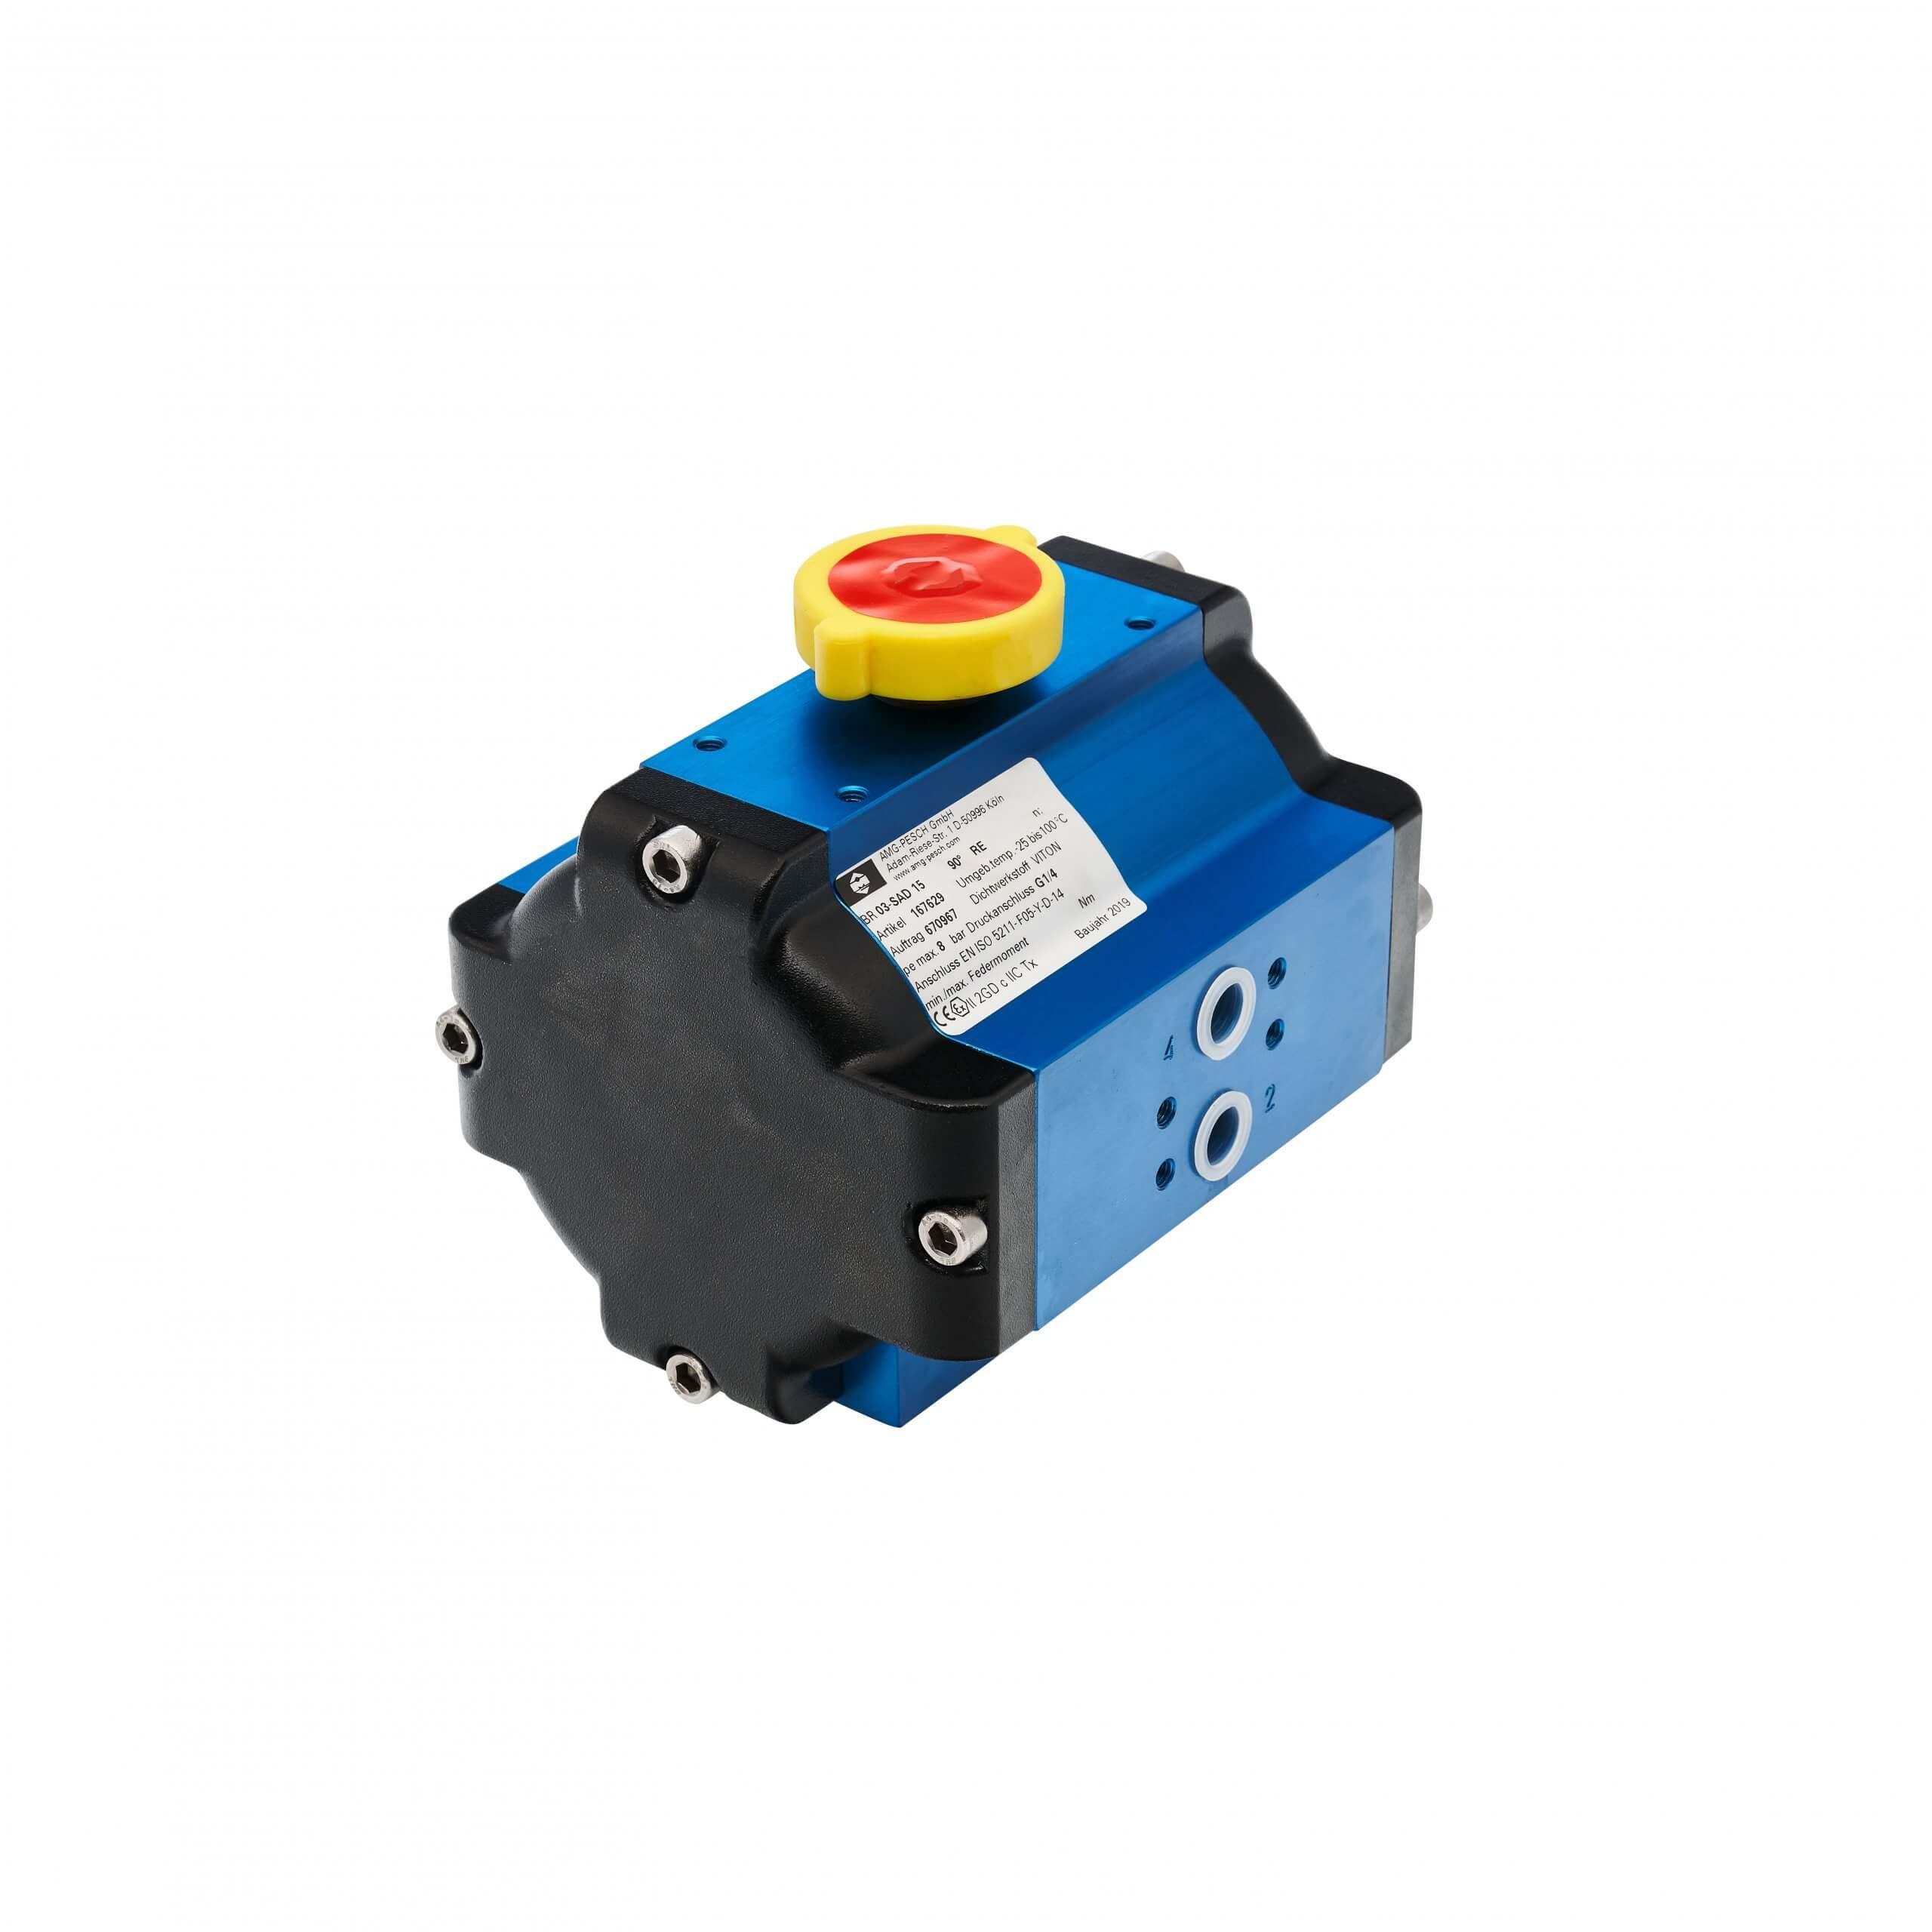 Filters - Pneumatic actuator